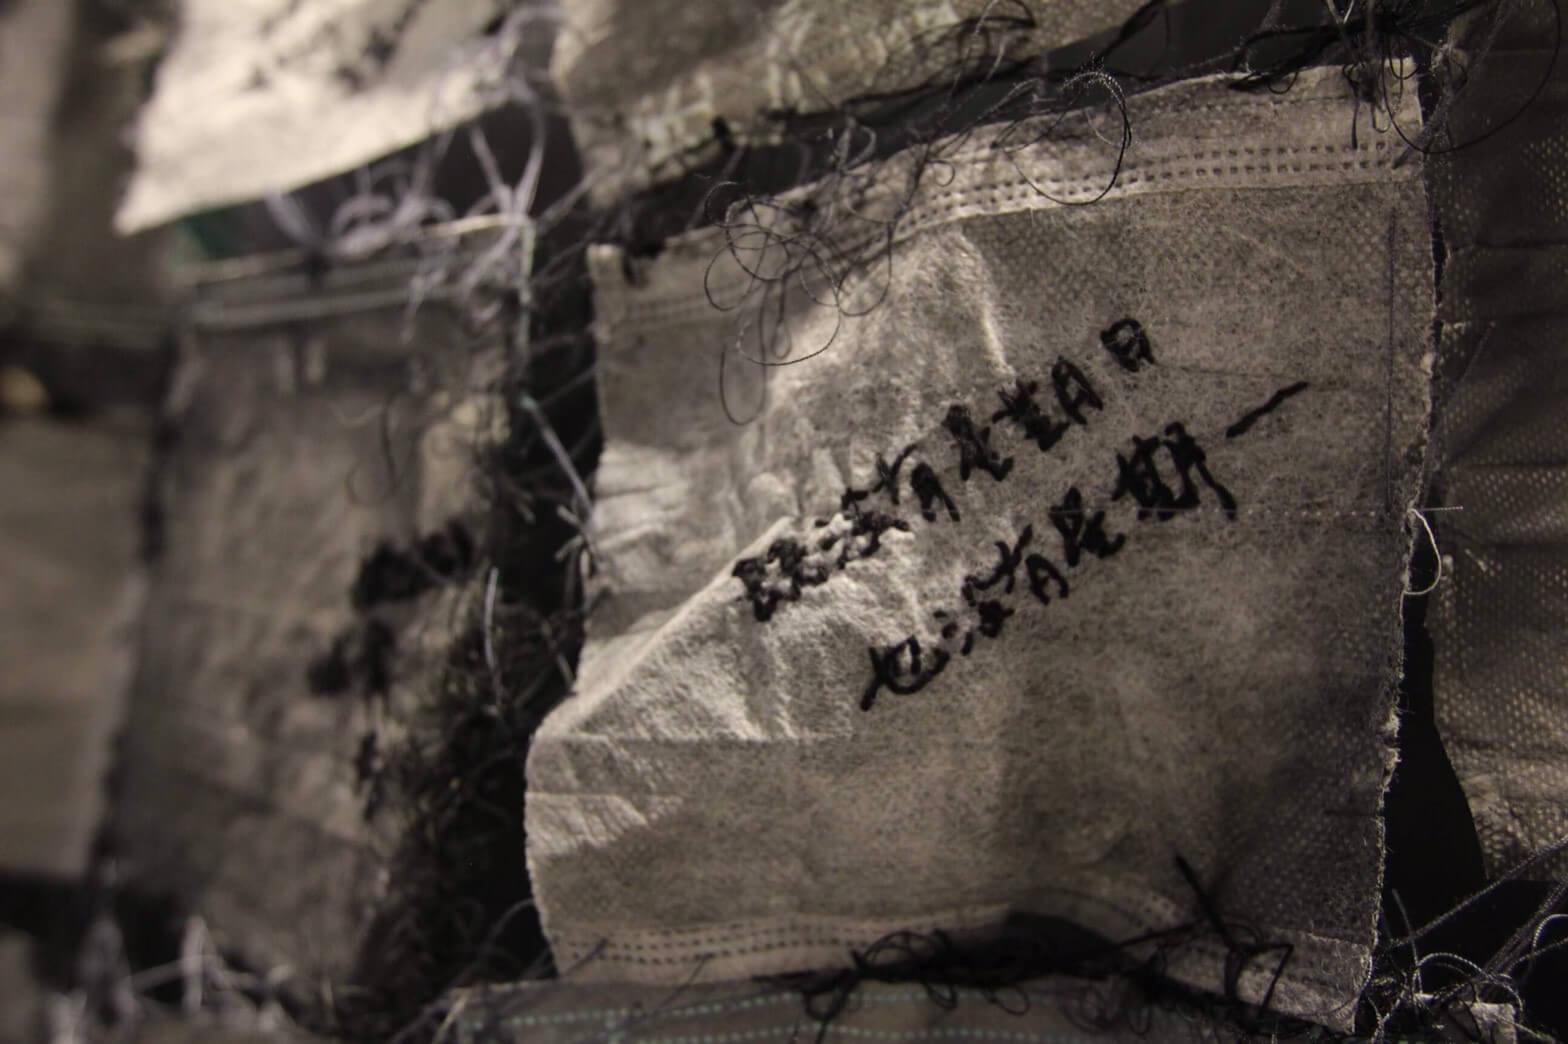 《365種逃逸的可能性》,口罩、手縫線、壓克力顏料、無酸樹脂,2018。圖/劉鳳鴒提供。